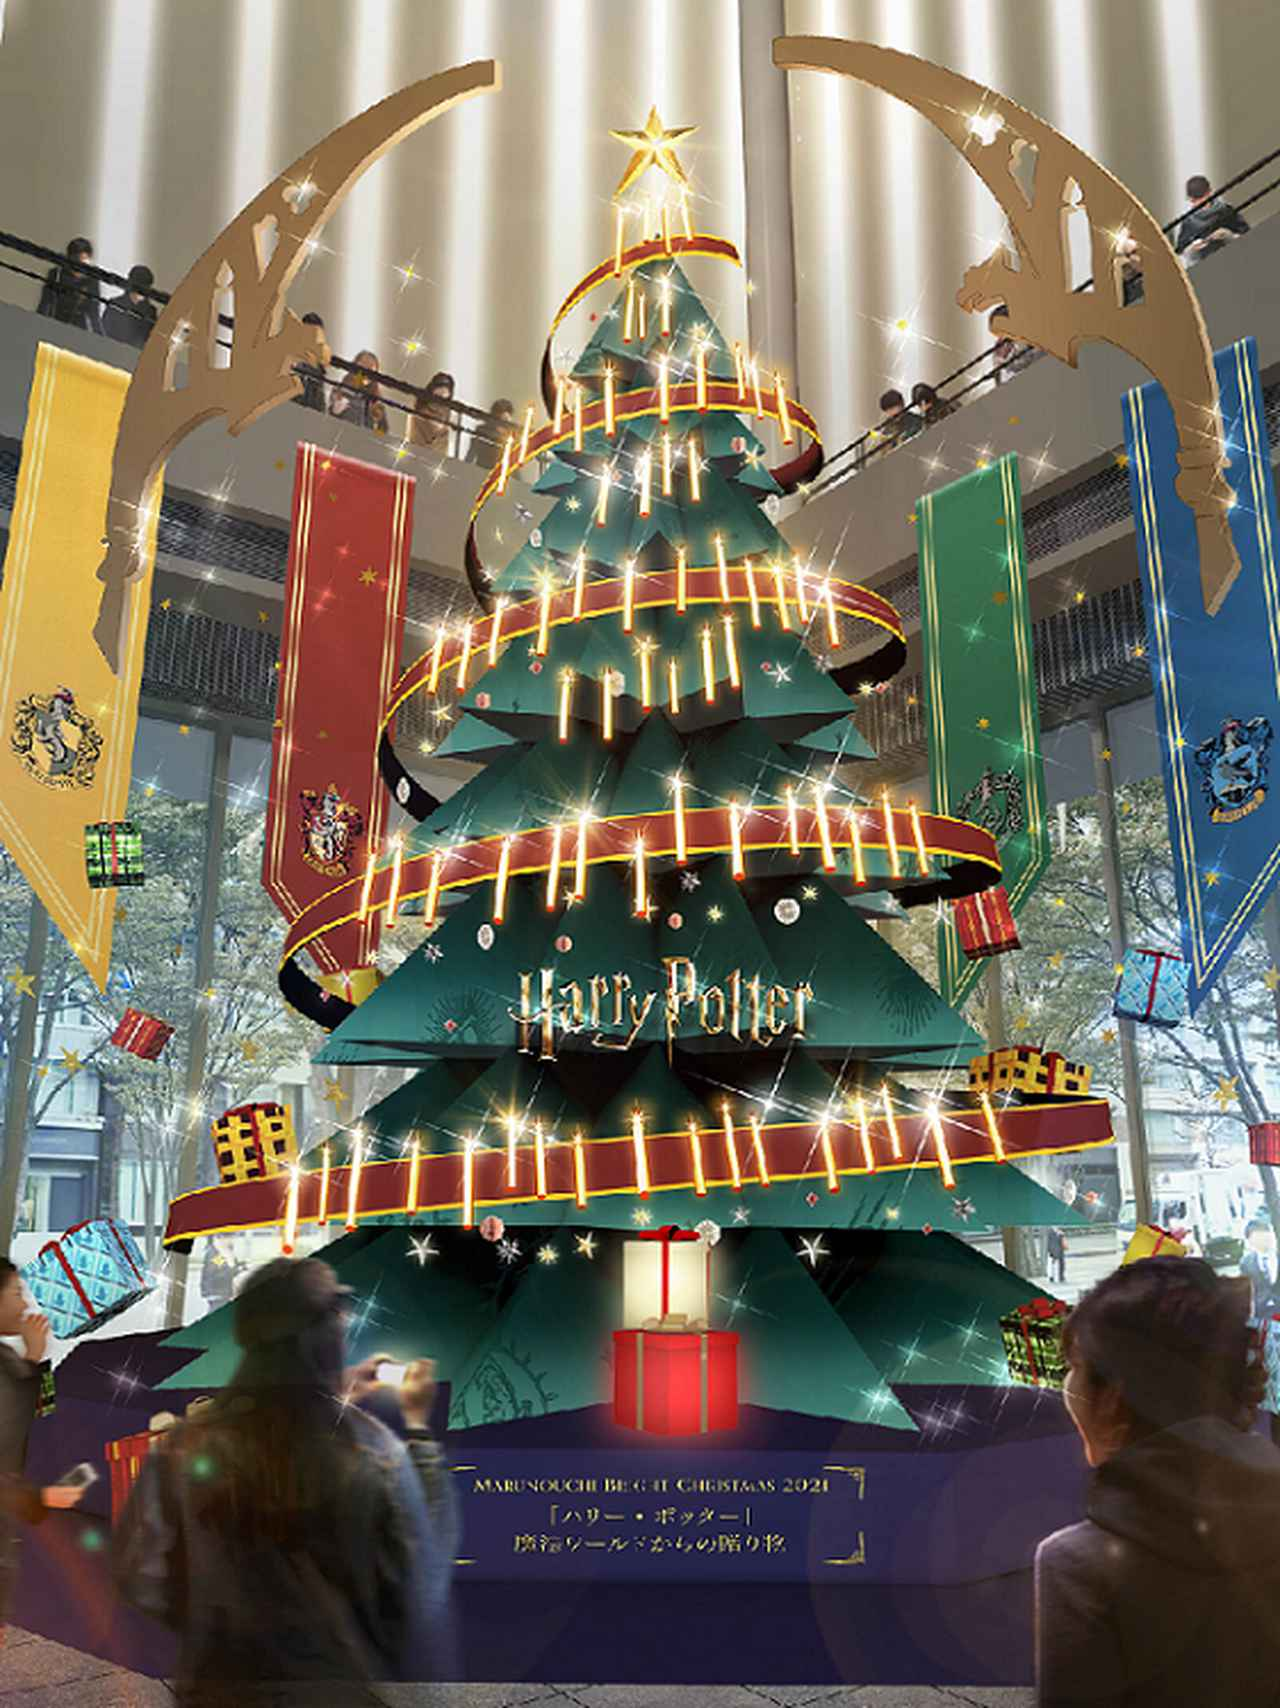 画像: 丸ビル Tree of Hogwarts Magicーホグワーツの魔法の樹ー